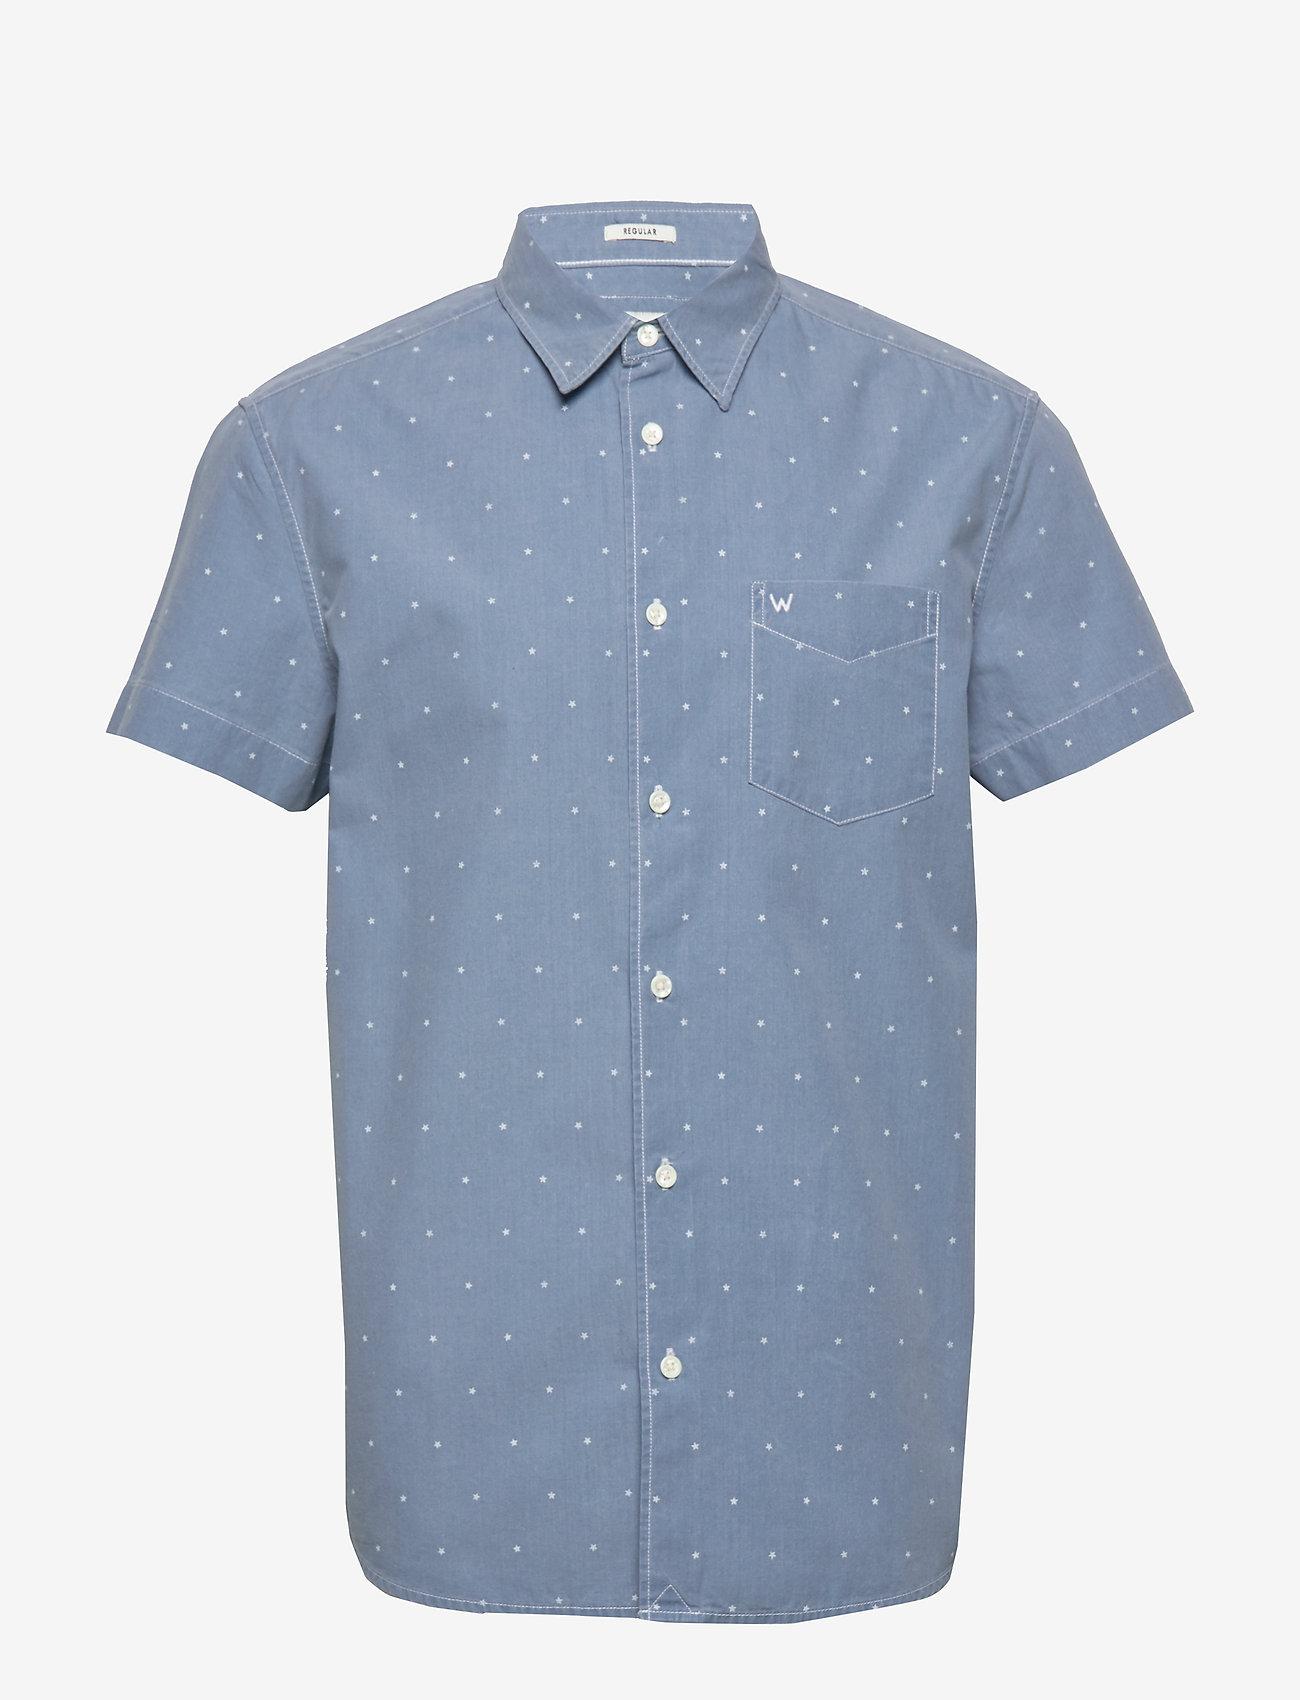 Wrangler - SS 1 PKT SHIRT - short-sleeved shirts - cerulean blue